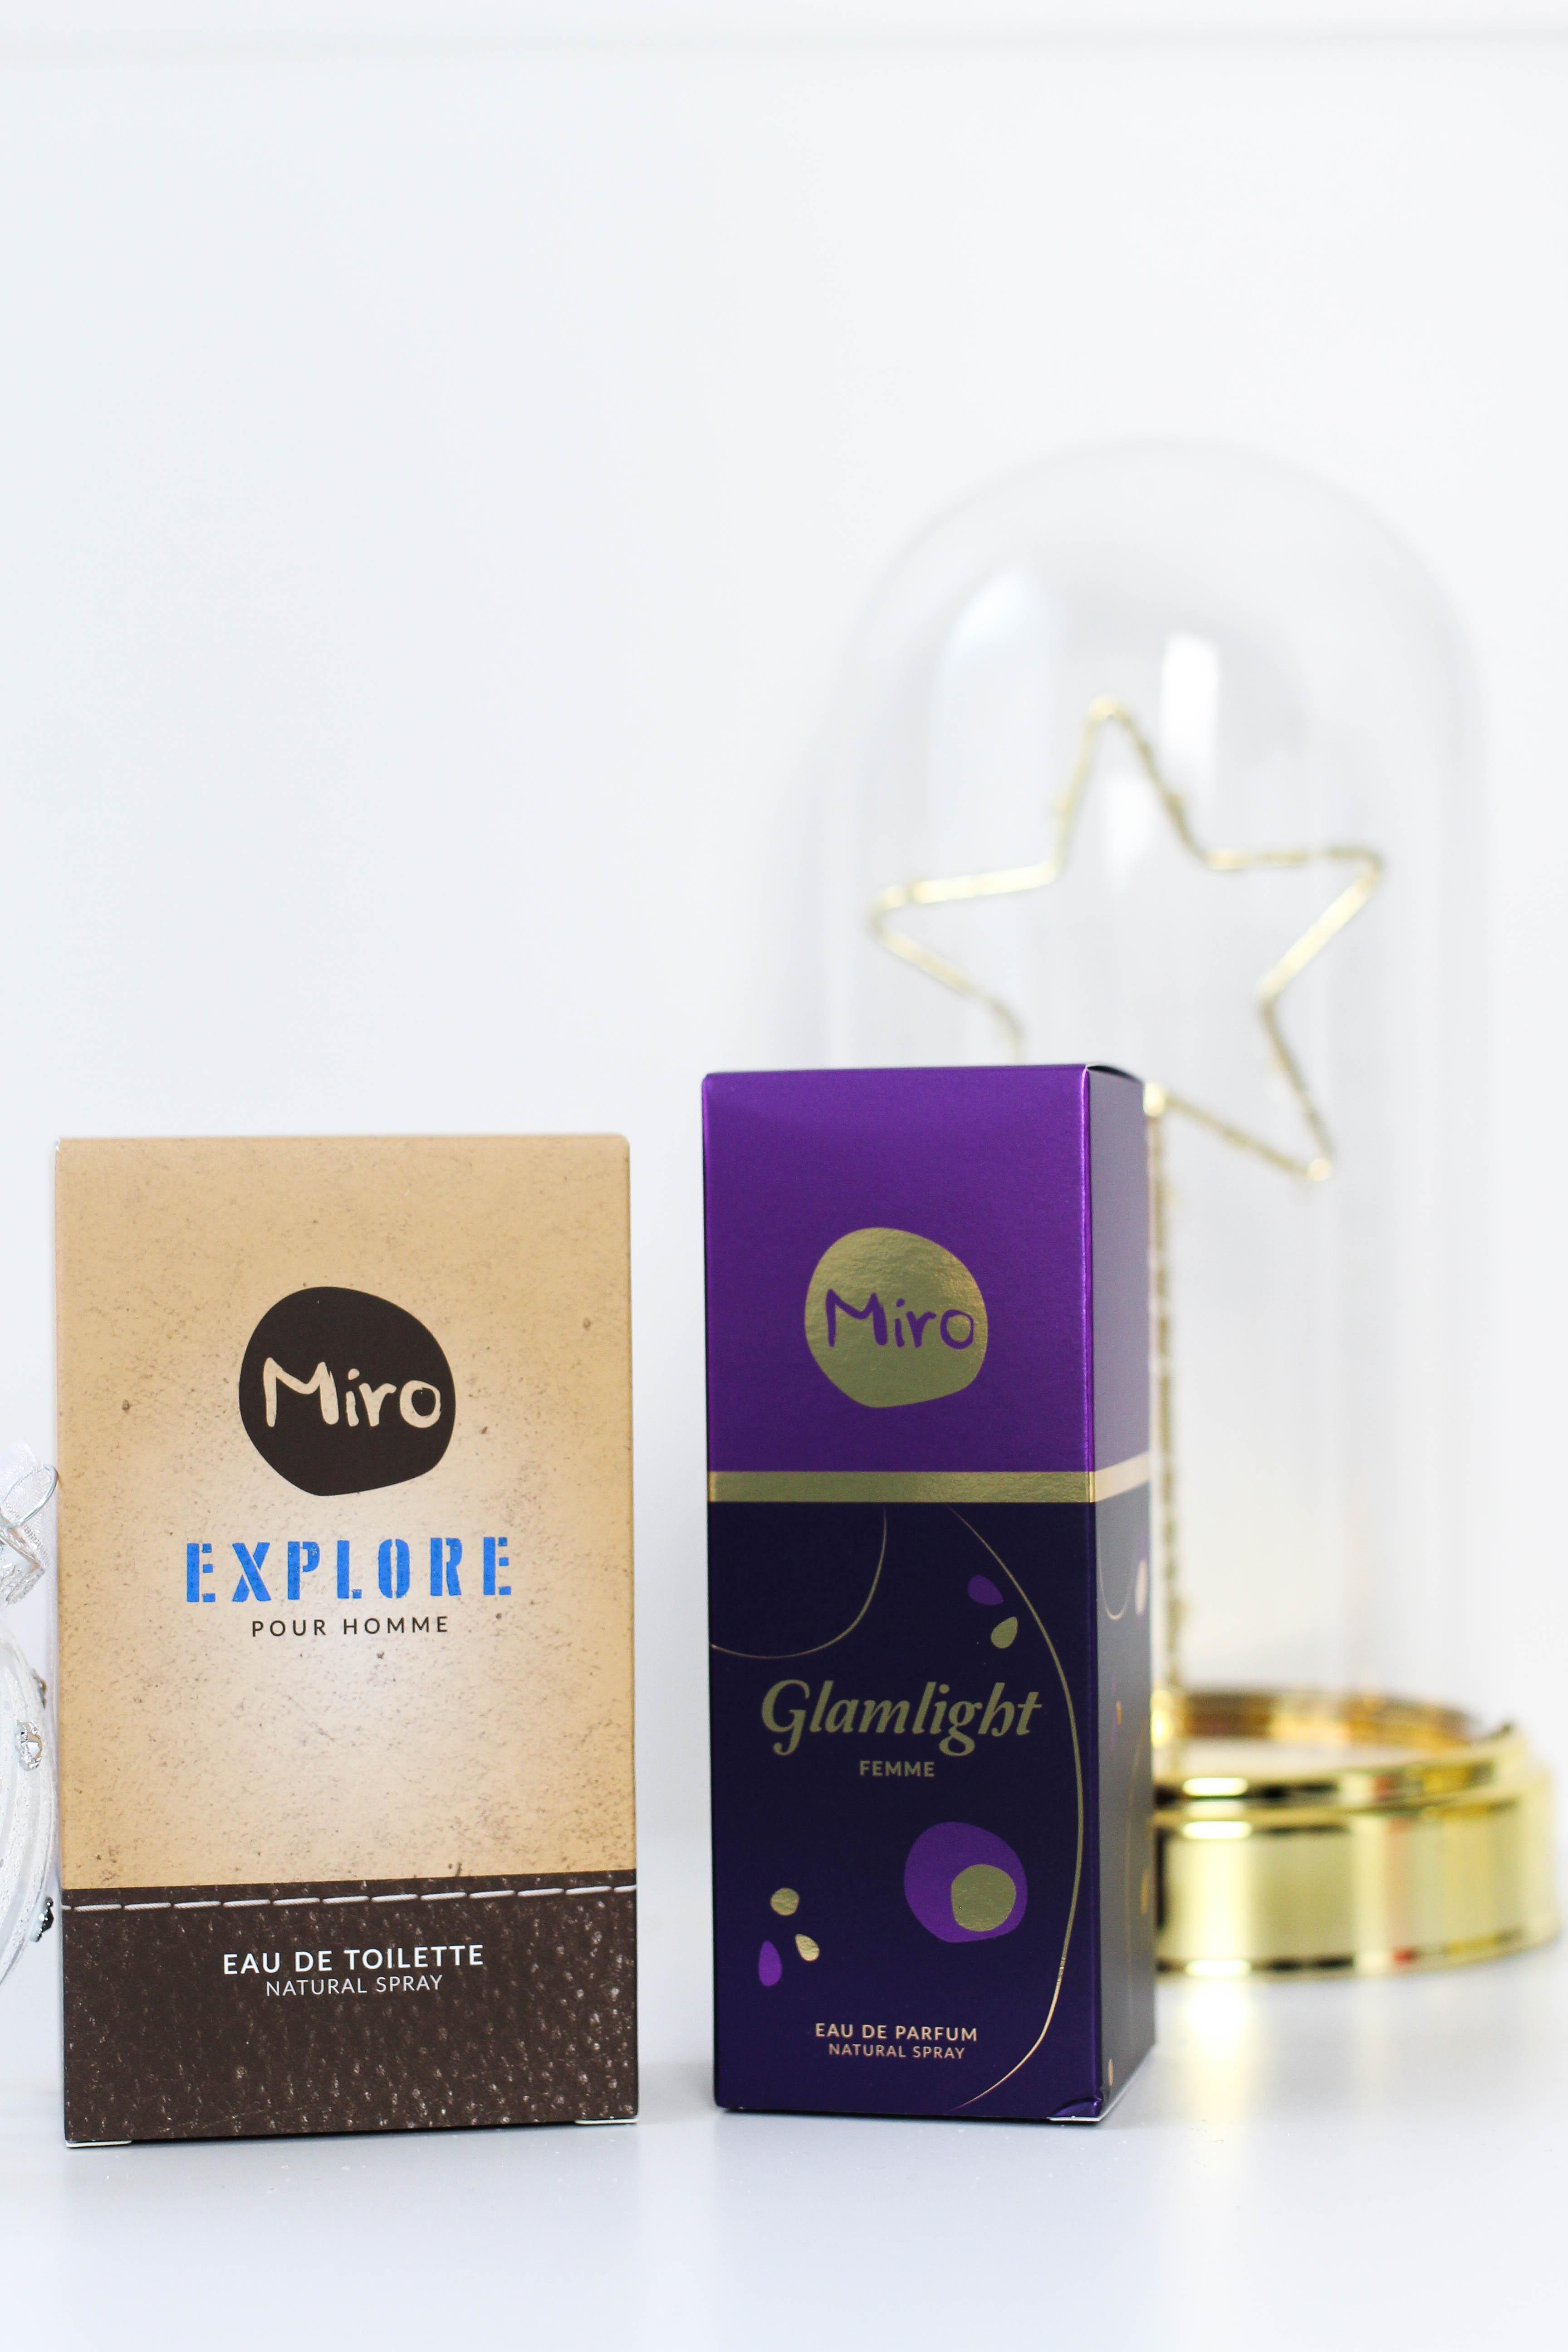 Blogger Adventskalender MIRO Parfüm Set sie ihn gewinnen Gewinnspiel Miro Damenduft Glamlight Miro Herrenduft Explore Weihnachtsgeschenk idee